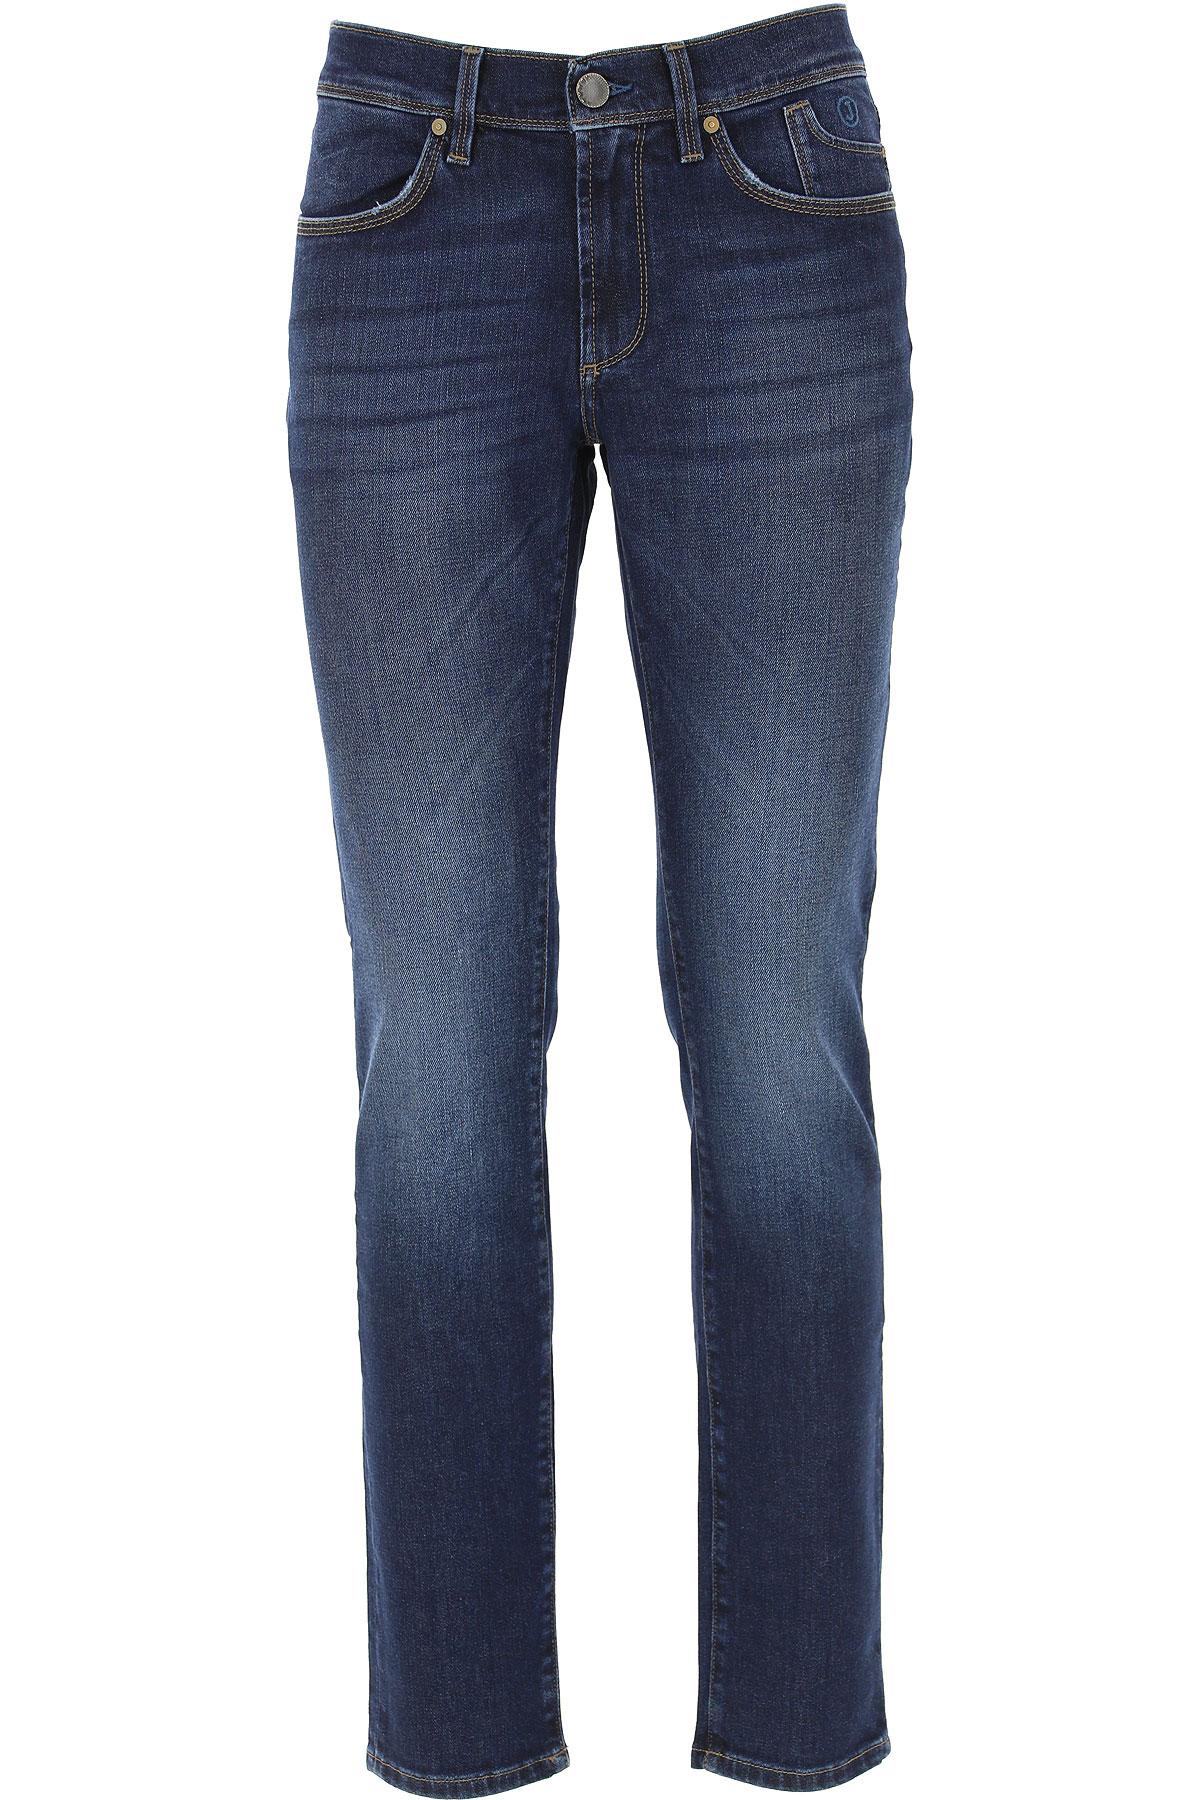 Jeckerson Jeans On Sale, Denim Blue, Cotton, 2019, 30 32 33 34 35 36 38